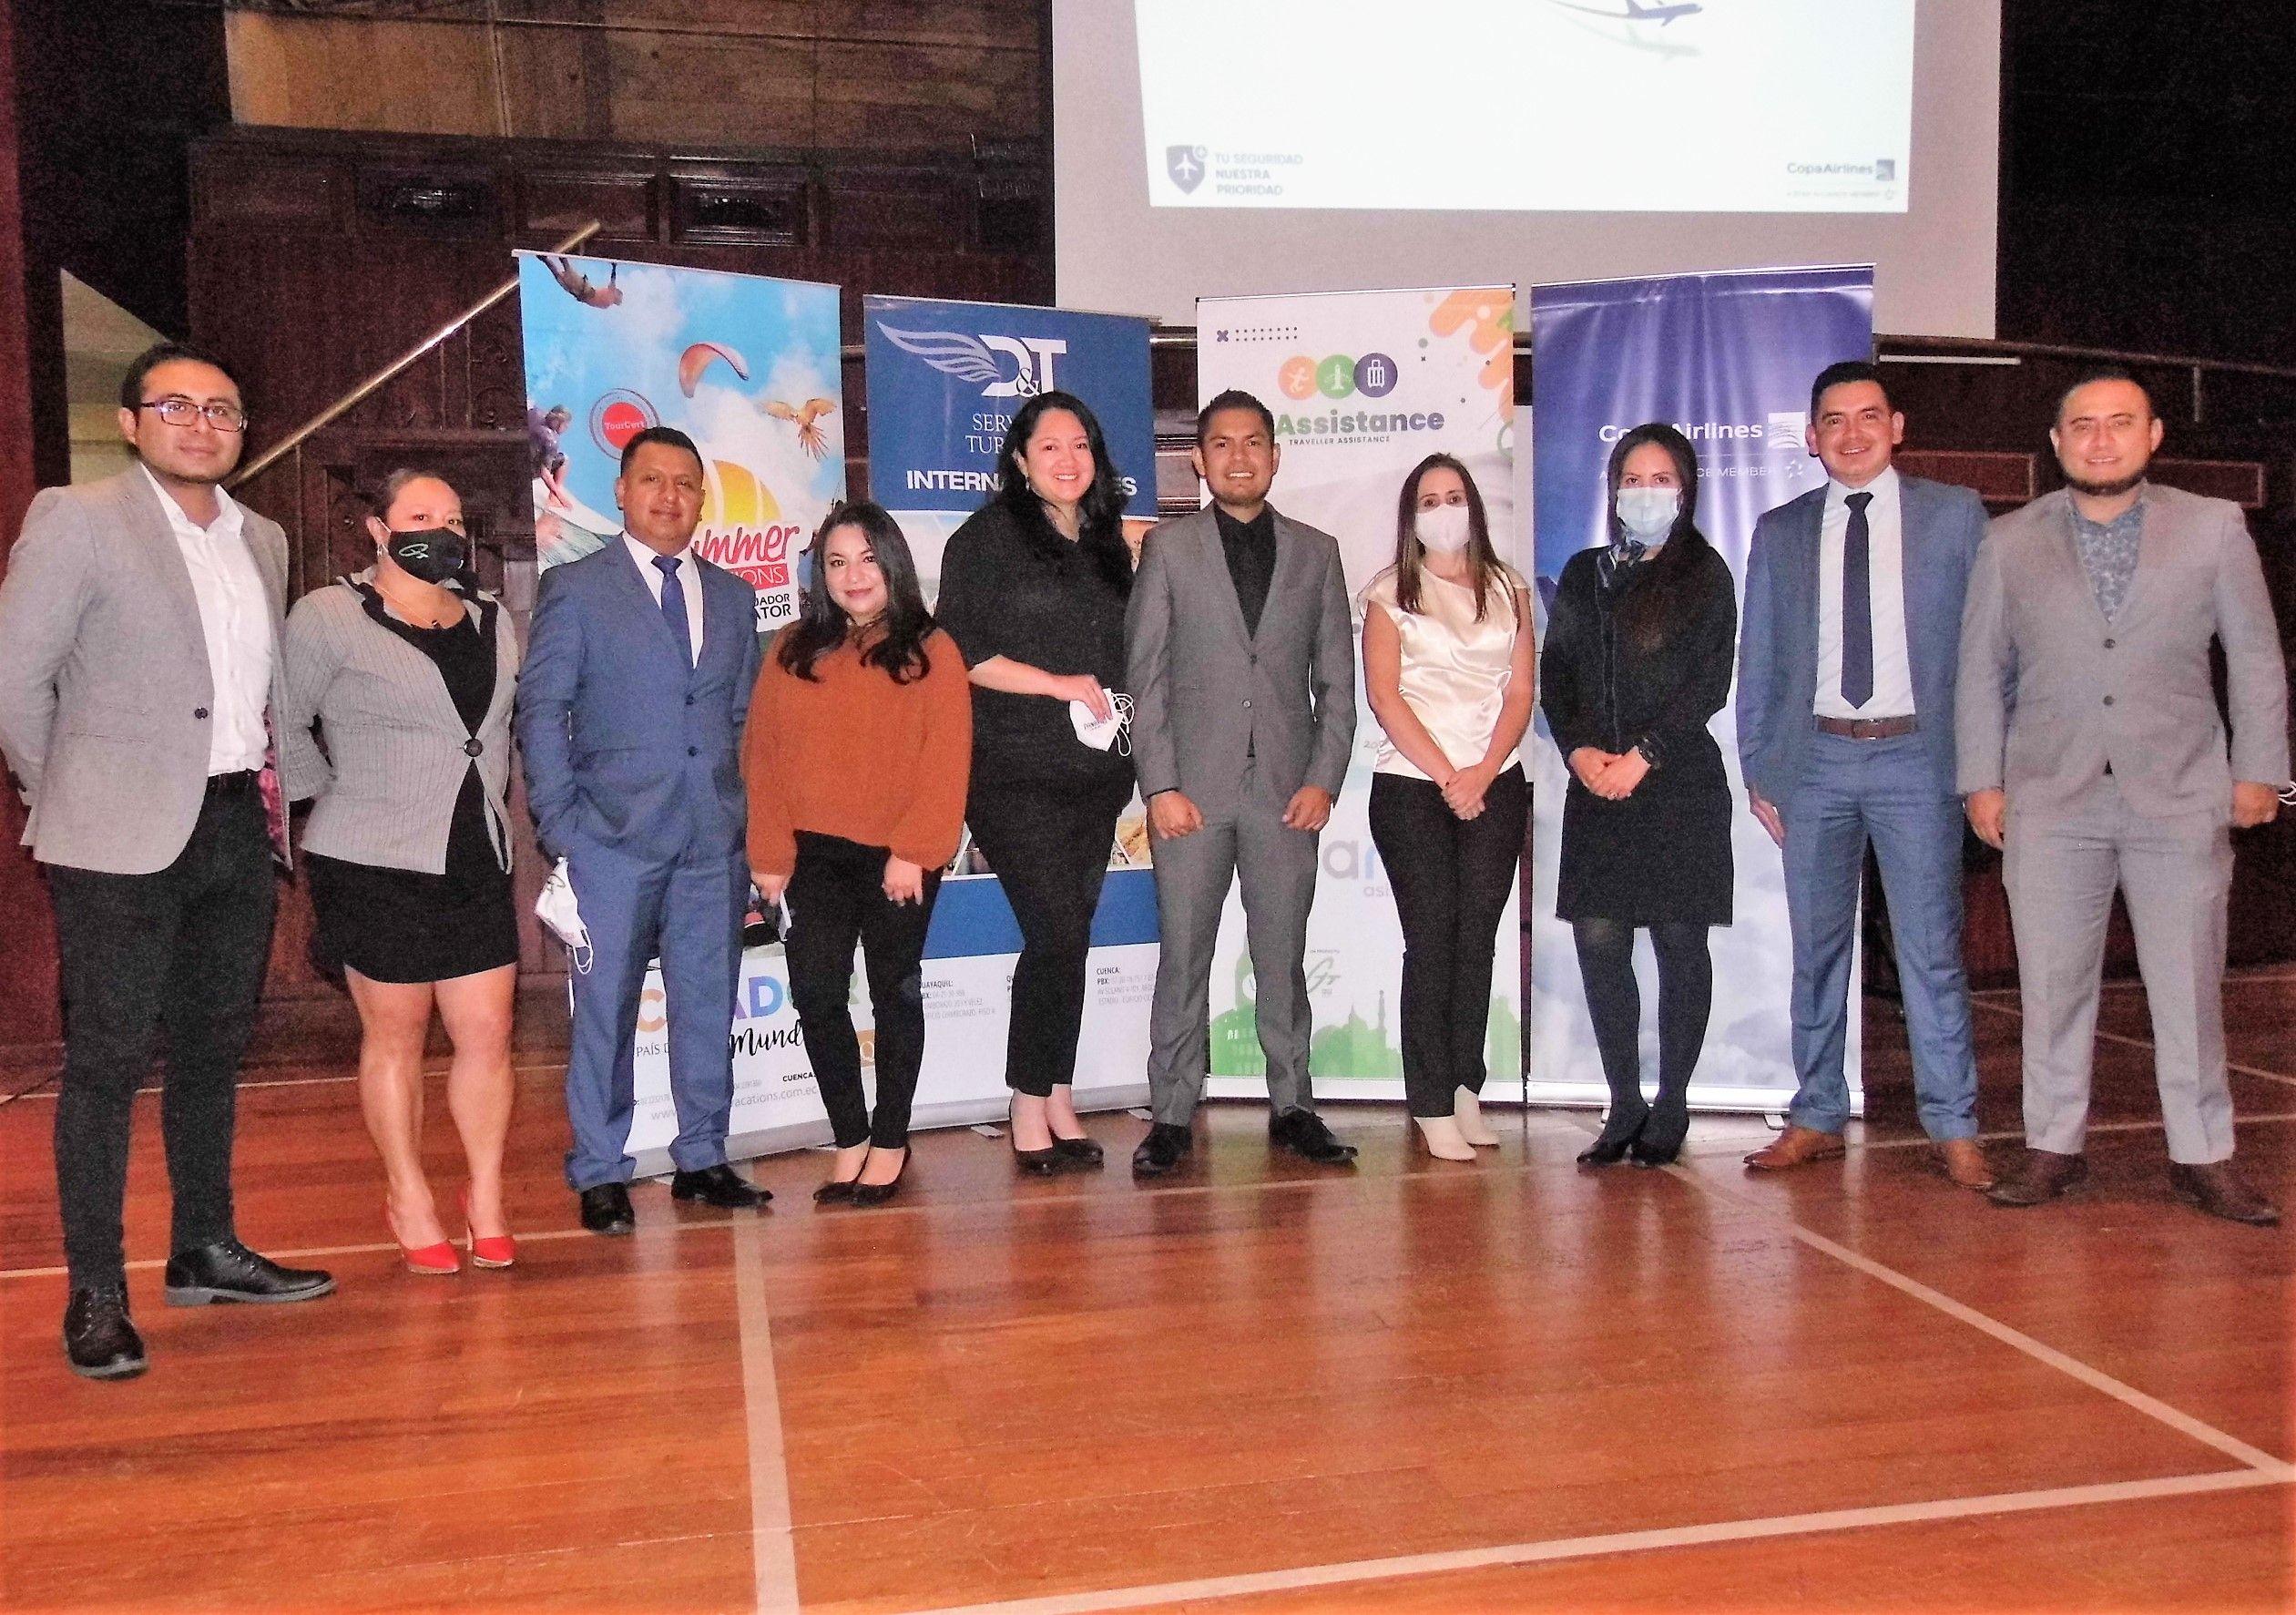 Equipo GTT Quito (incluido Jorge Sánchez) junto a socios comerciales como Copa Airlines.